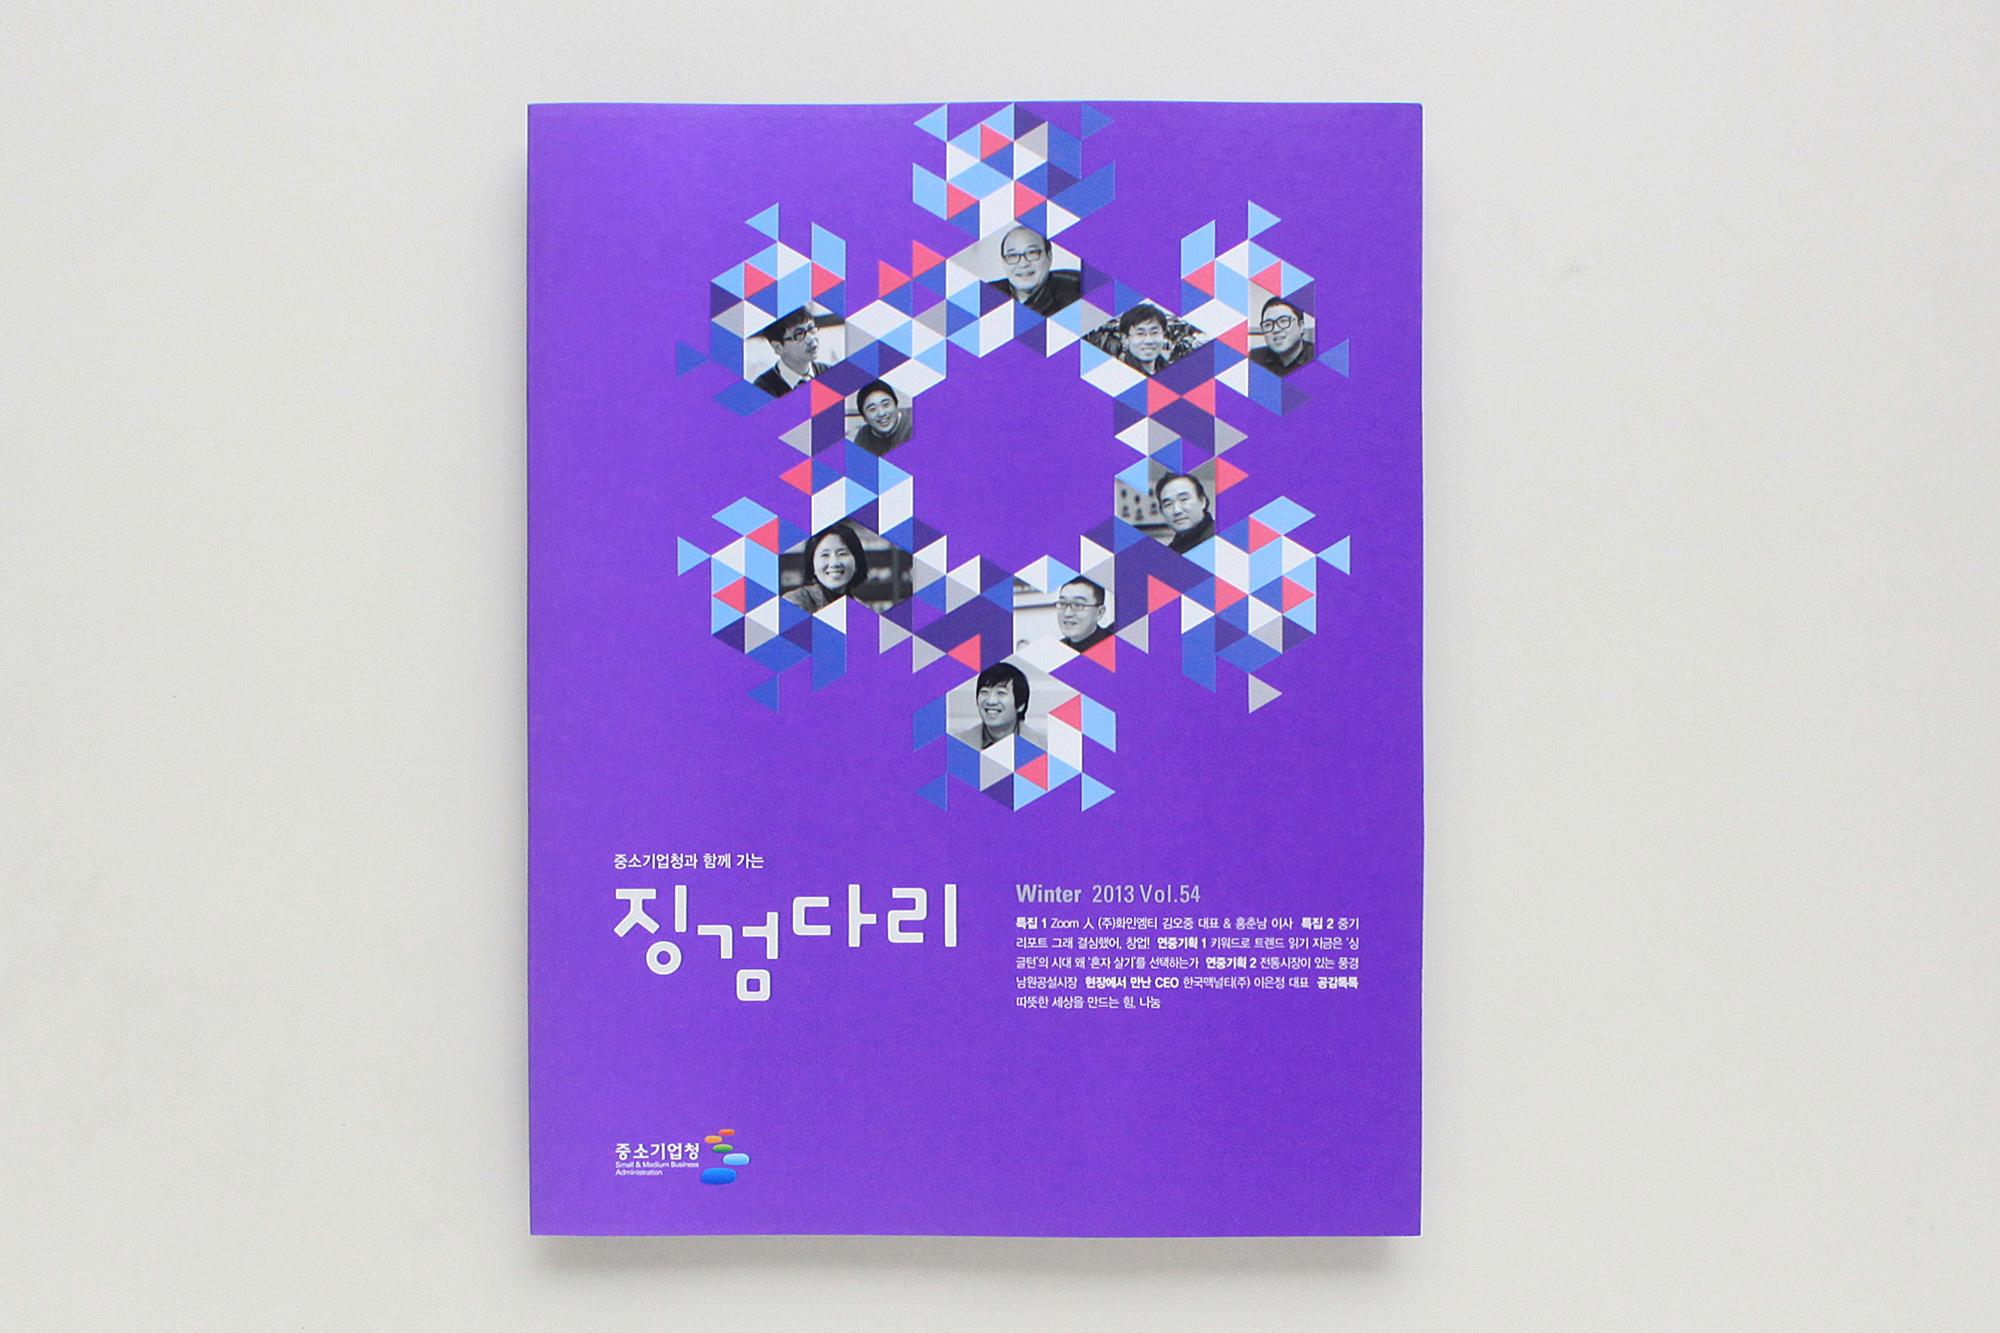 2013-징검다리 (3)